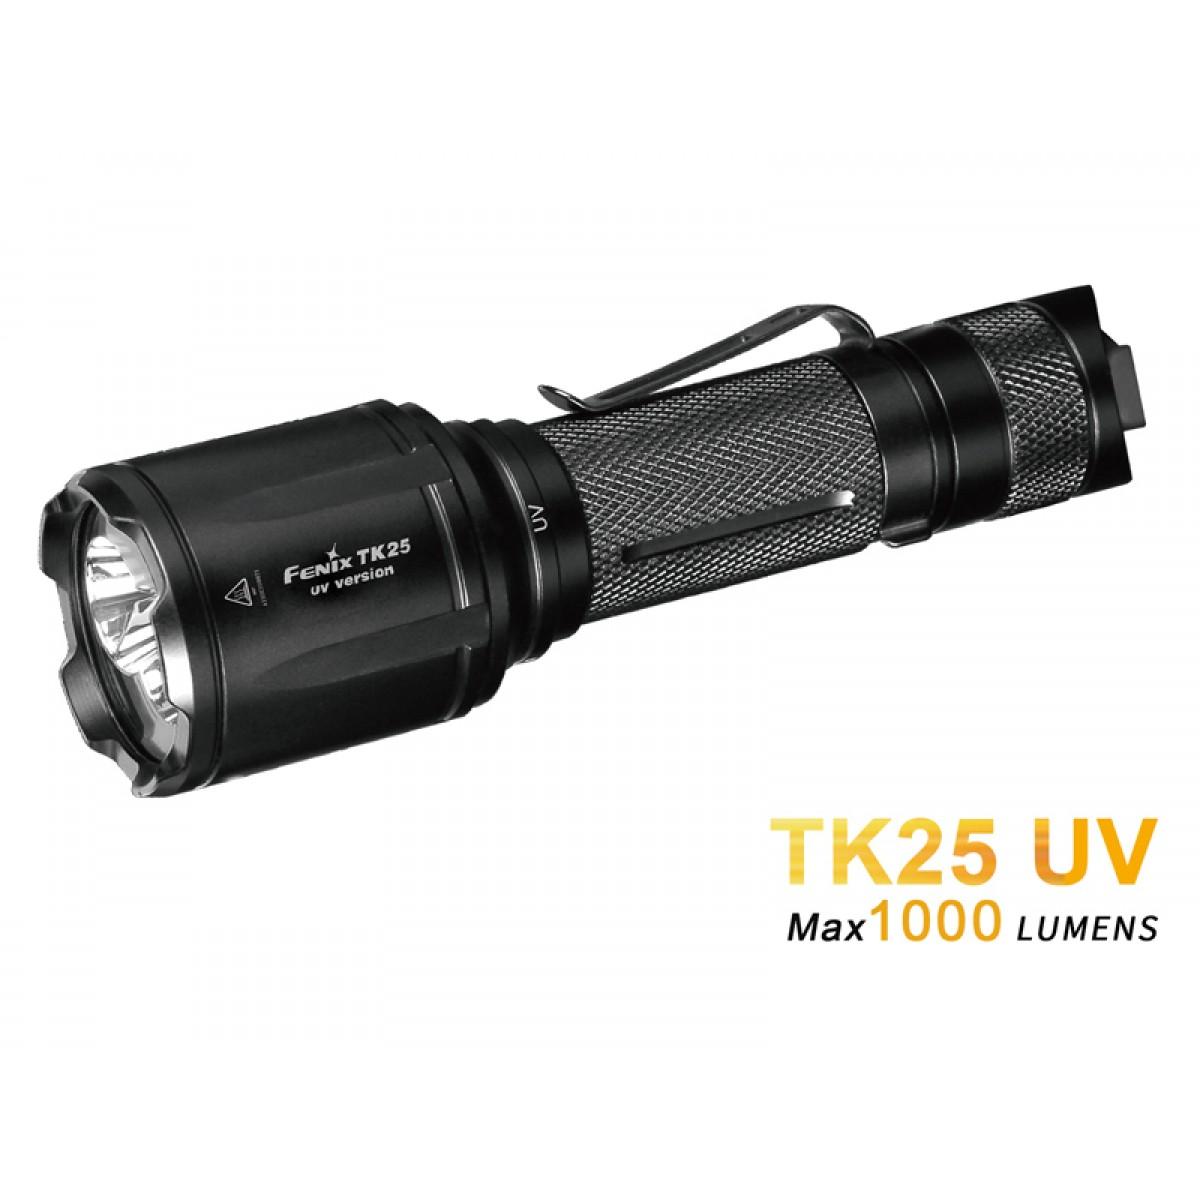 Fenix TK25 UV CREE XP-G2 1000L White and UV Flashlight